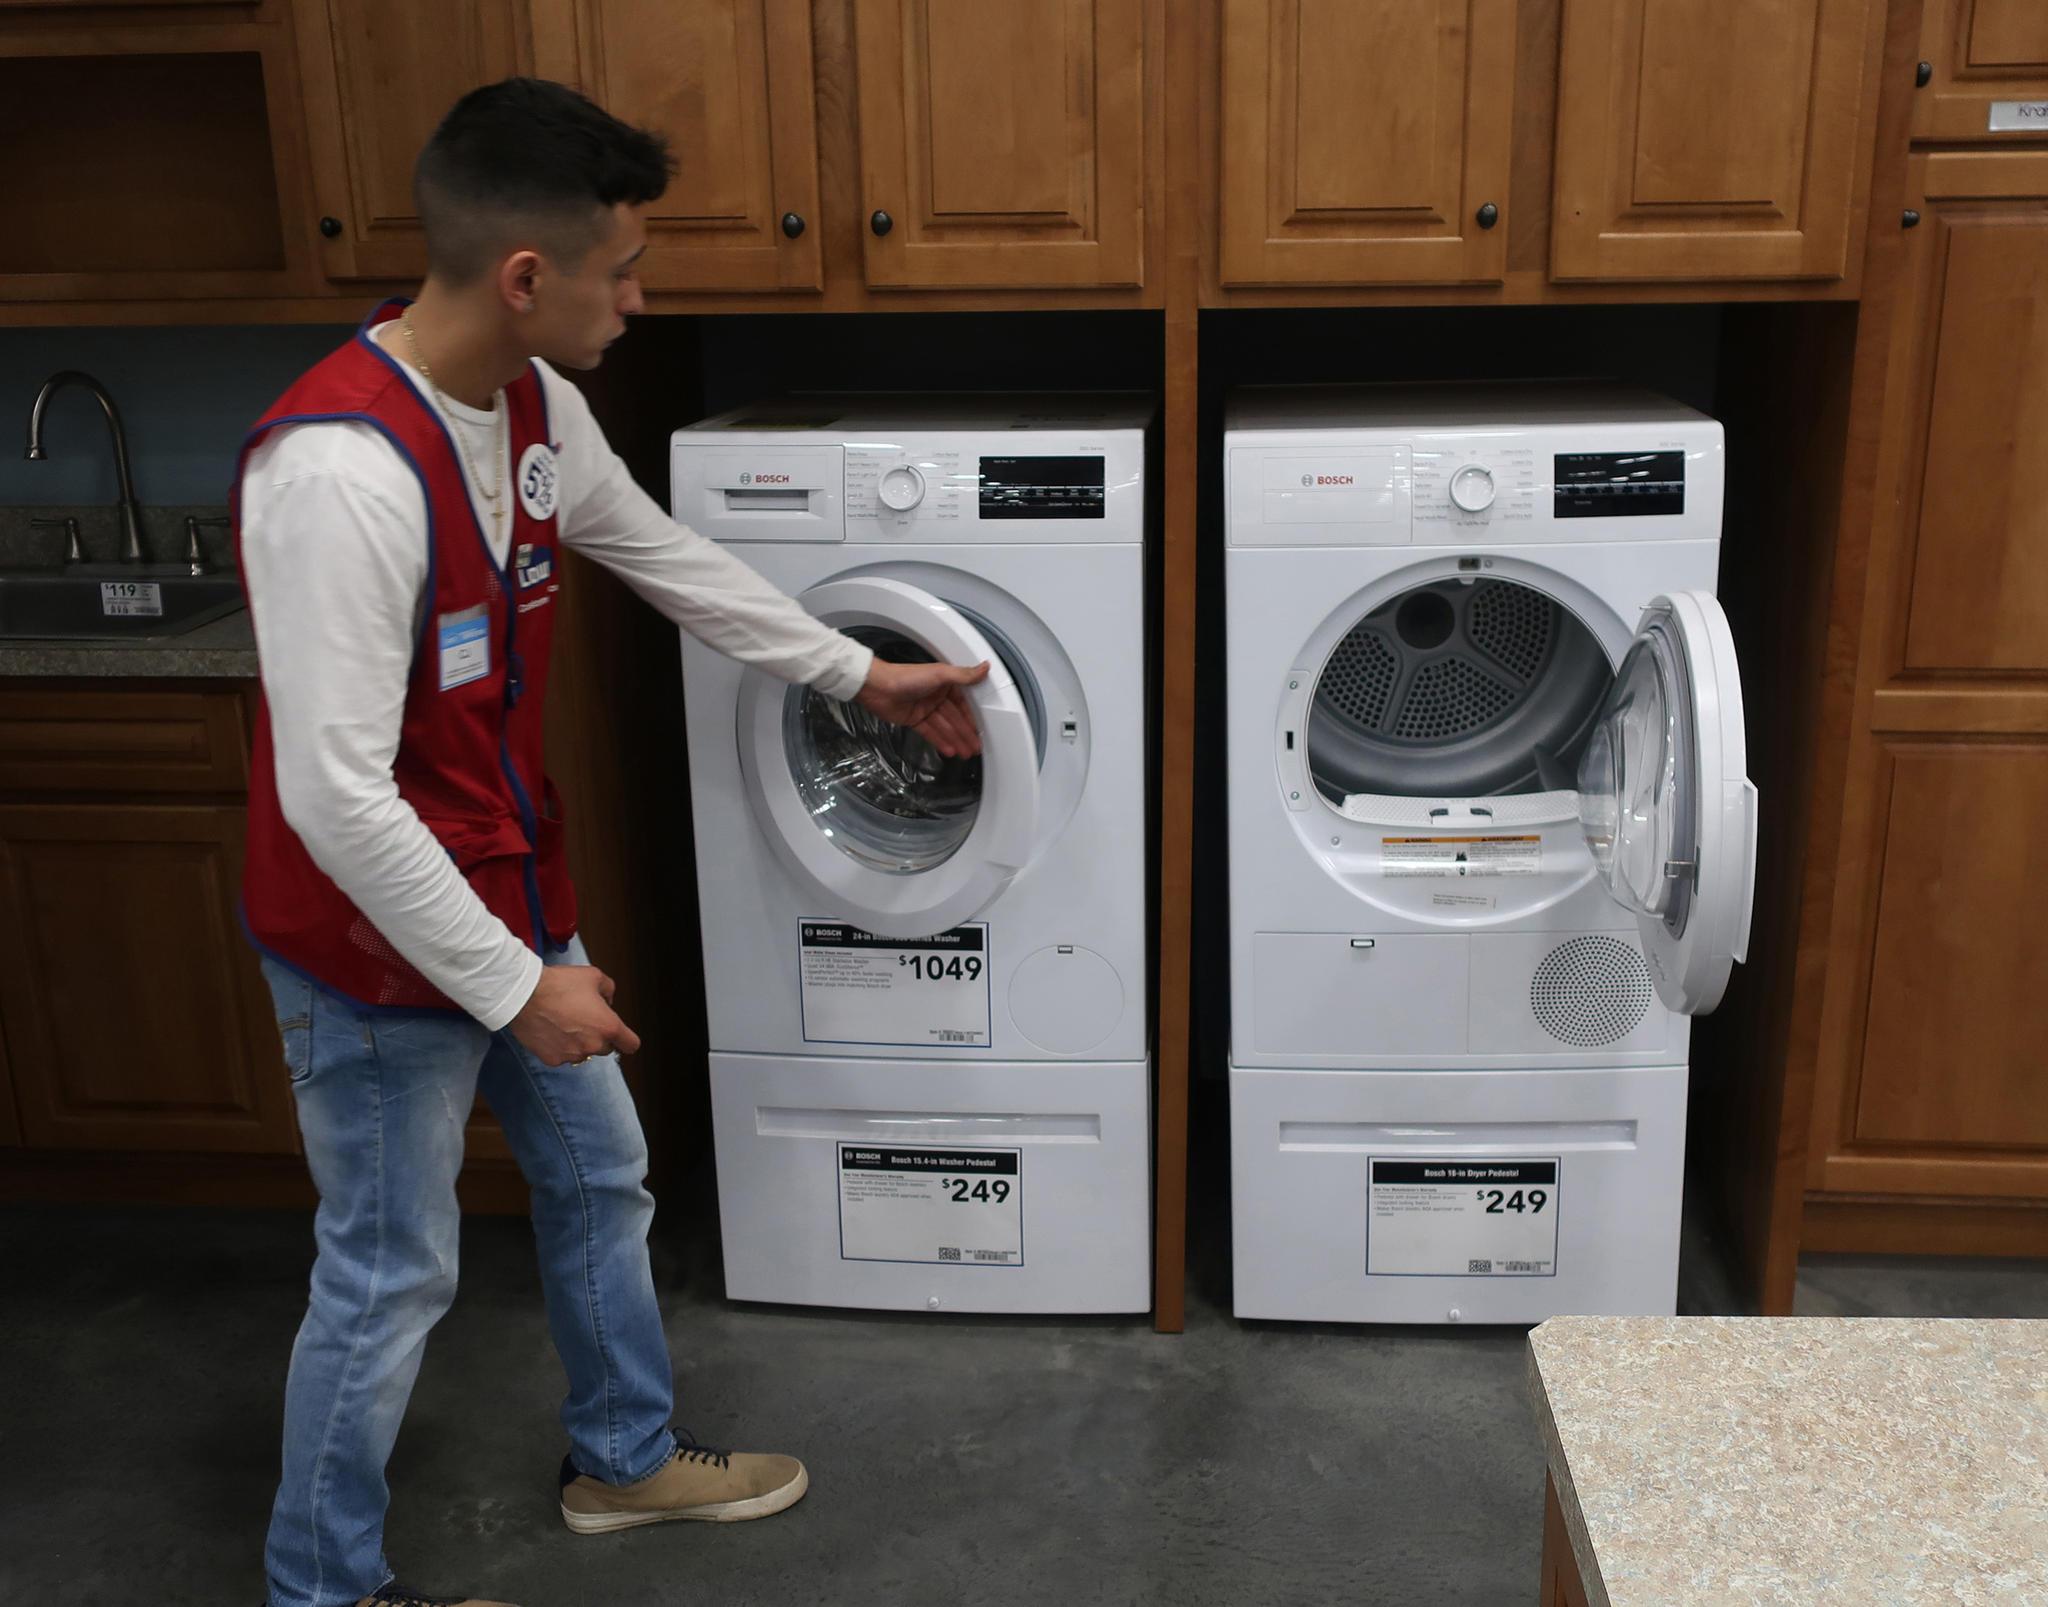 Handelskrieg Mit China Eine Waschmaschine Kostet 86 Dollar Mehr